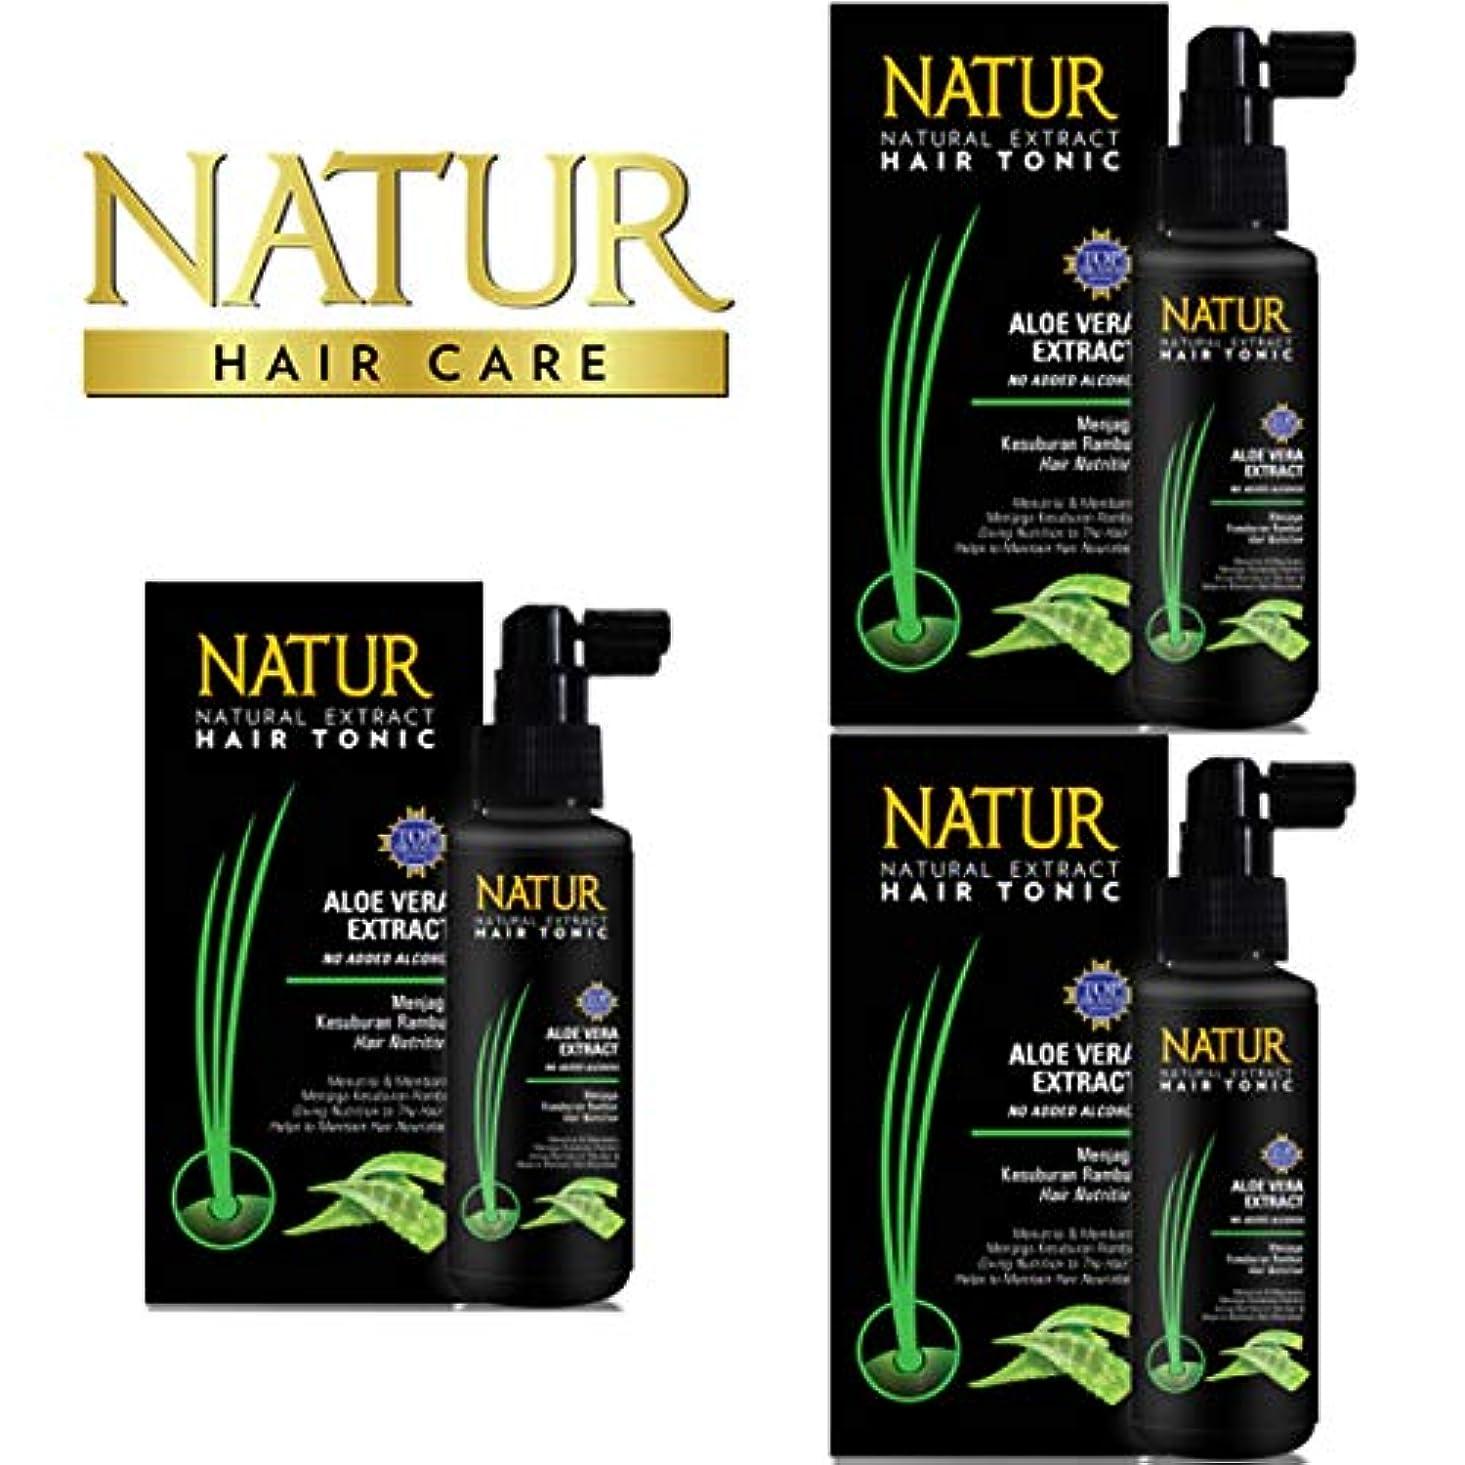 トレース歯支給NATUR ナトゥール 天然植物エキス配合 Hair Tonic ハーバルヘアトニック 90ml×3個セット Aloe vera アロエベラ [海外直商品]